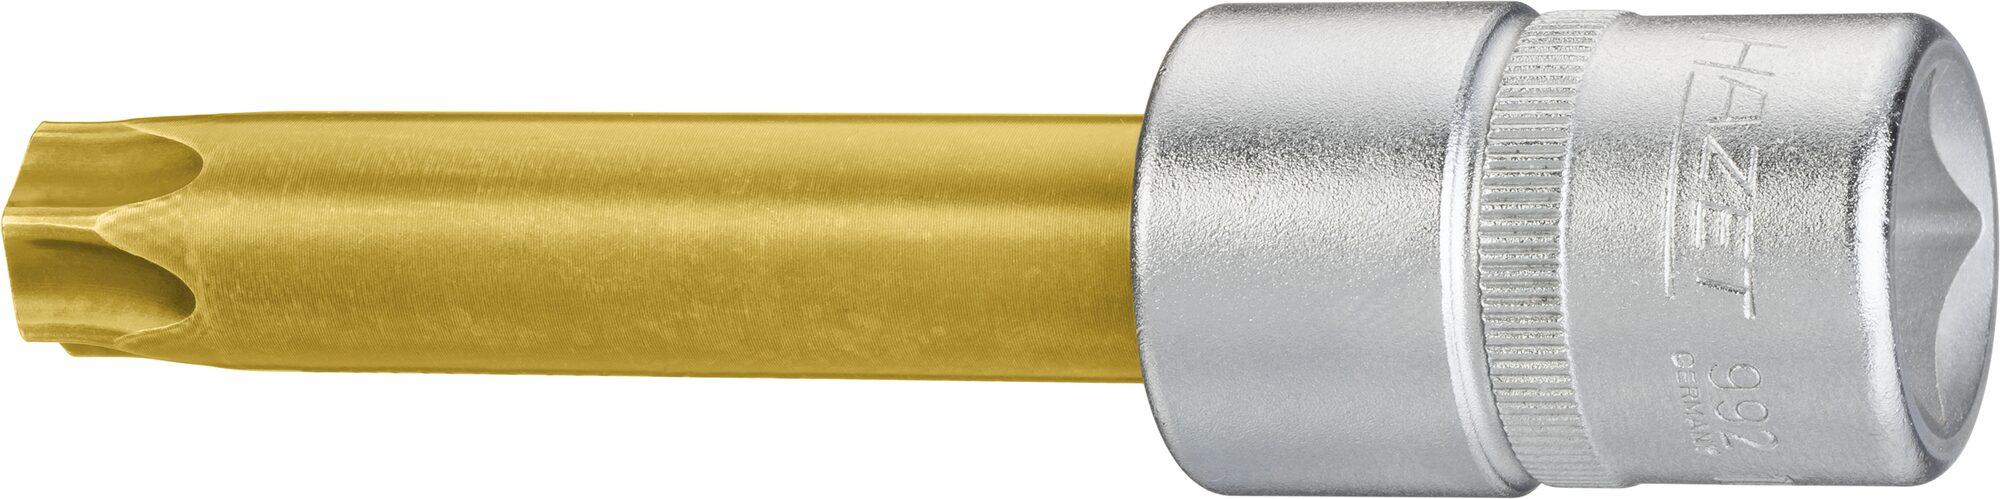 HAZET Kardanwellen-Einsatz TORX® Schraubendreher-Einsatz 2756-T60 ∙ Vierkant hohl 12,5 mm (1/2 Zoll) ∙ T60